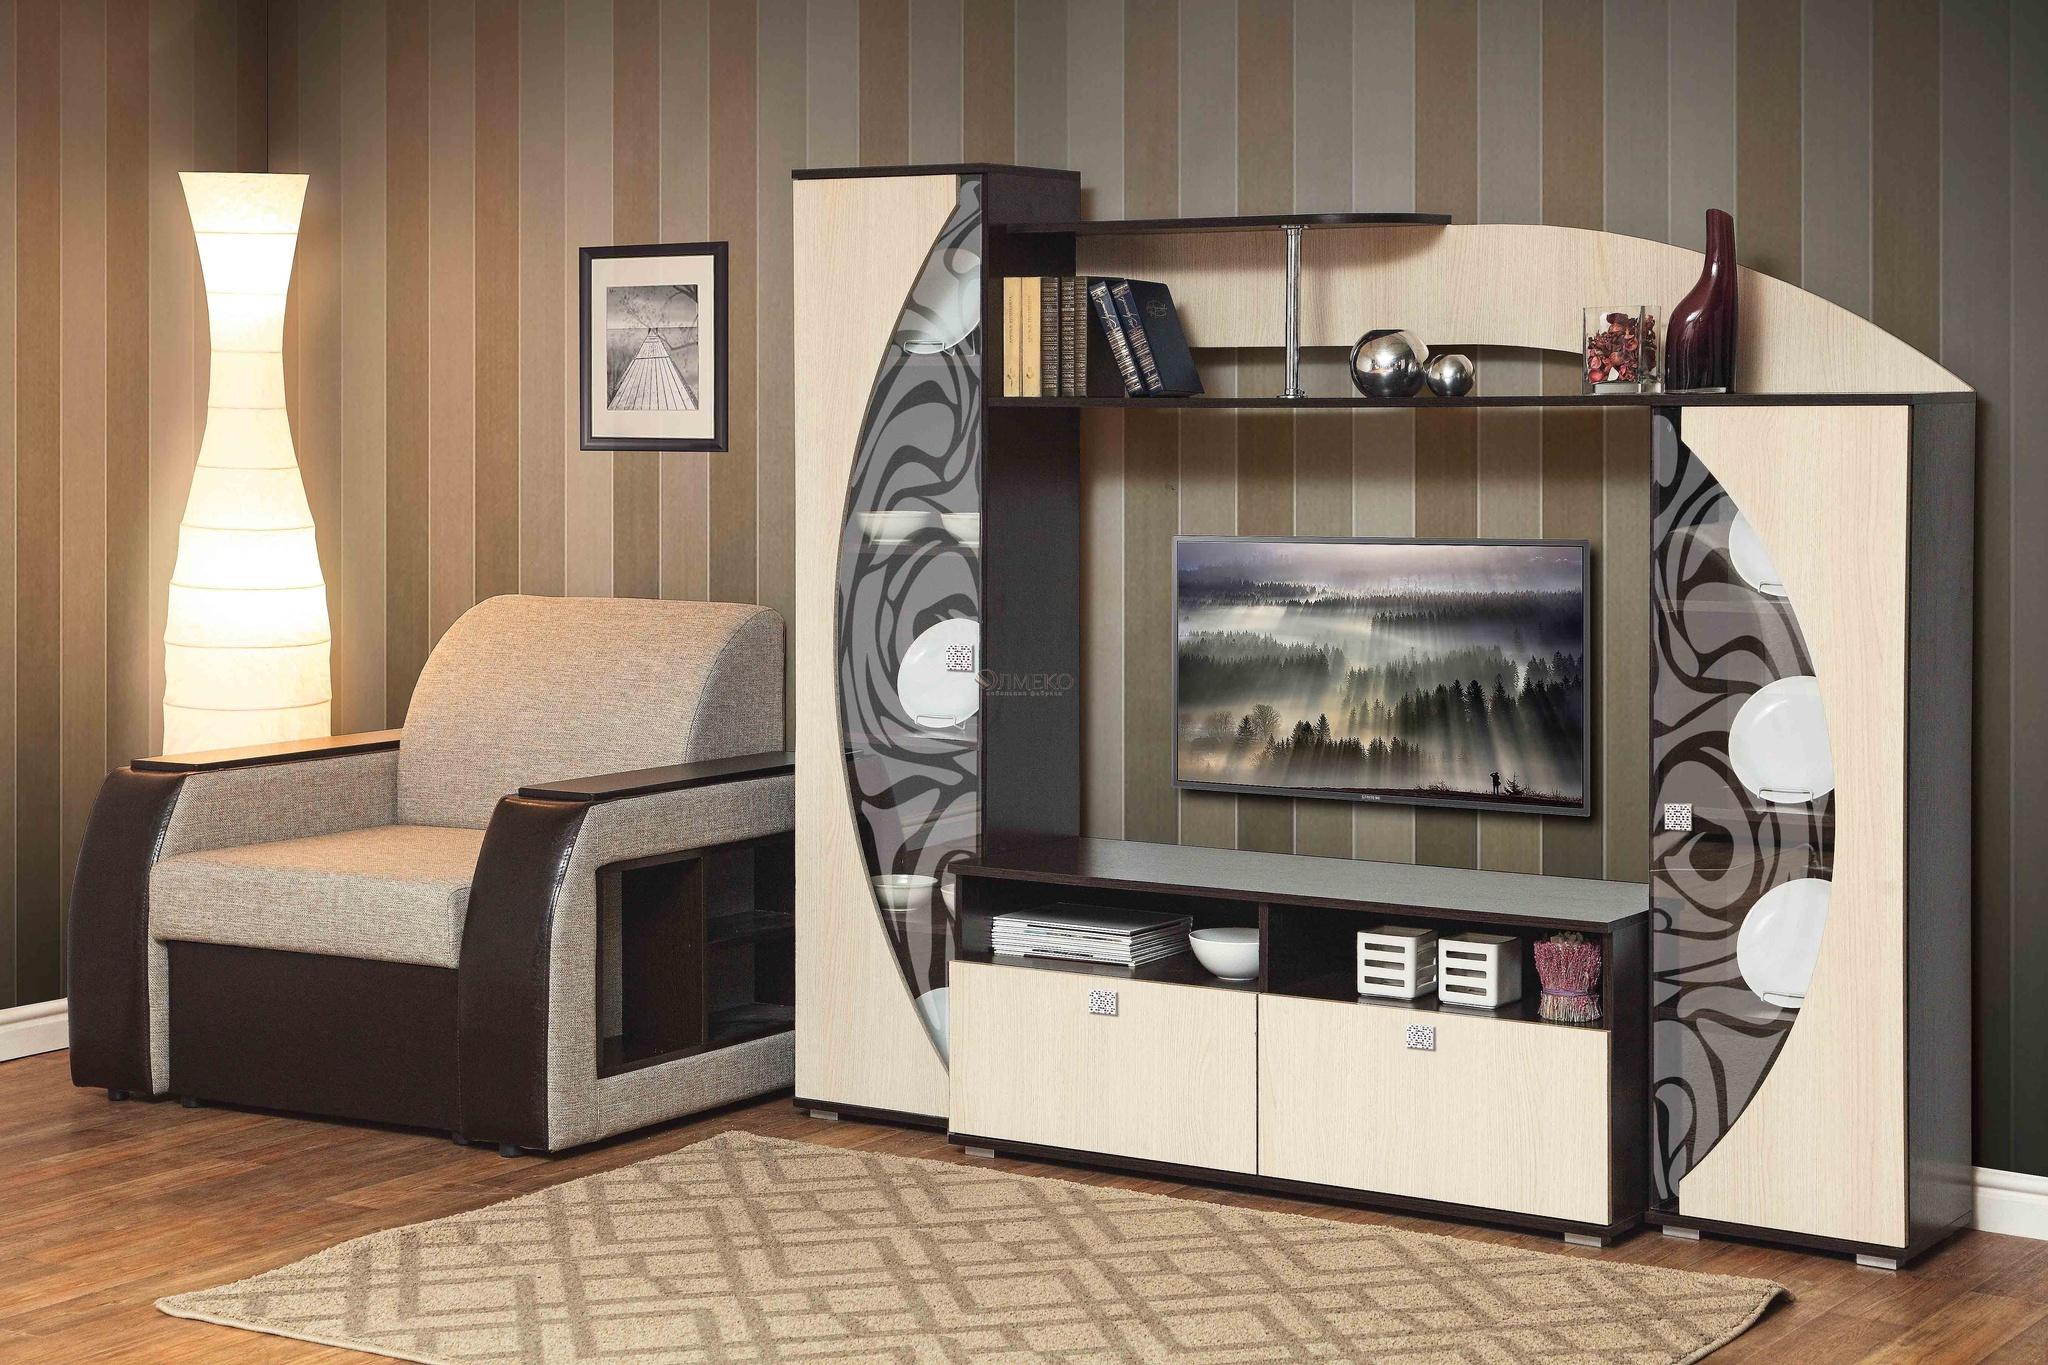 комнат небольшими мебель для гостиной фото хабаровск отвечает